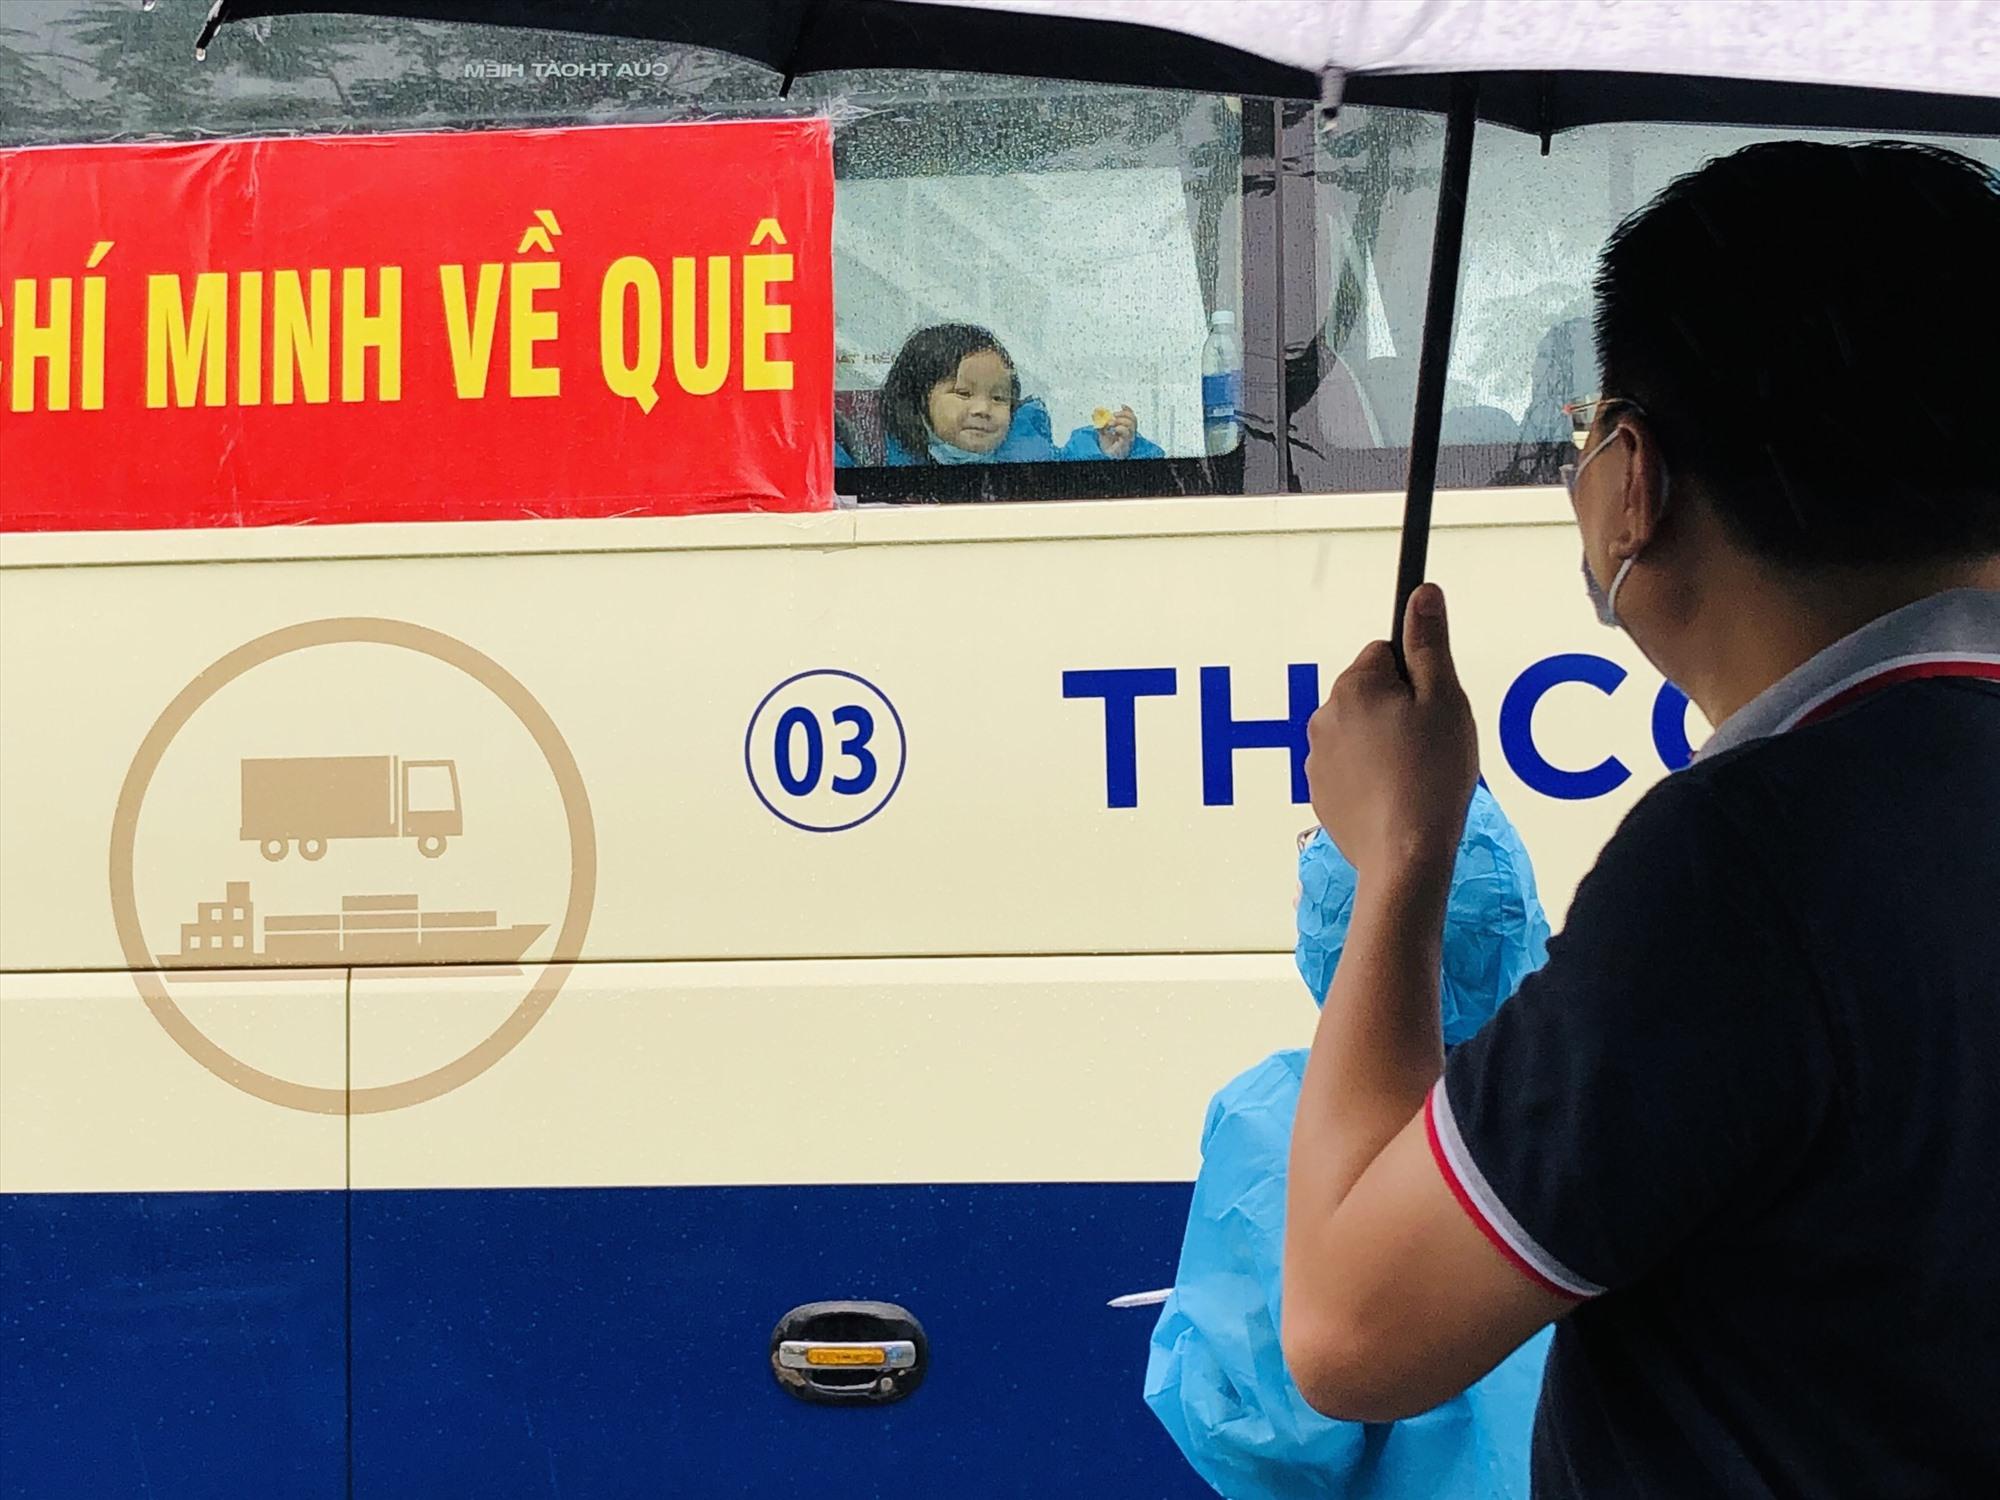 Bà con đồng hương từ TP.Hồ Chí Minh trở về. Ảnh: Hội đồng hương cung cấp